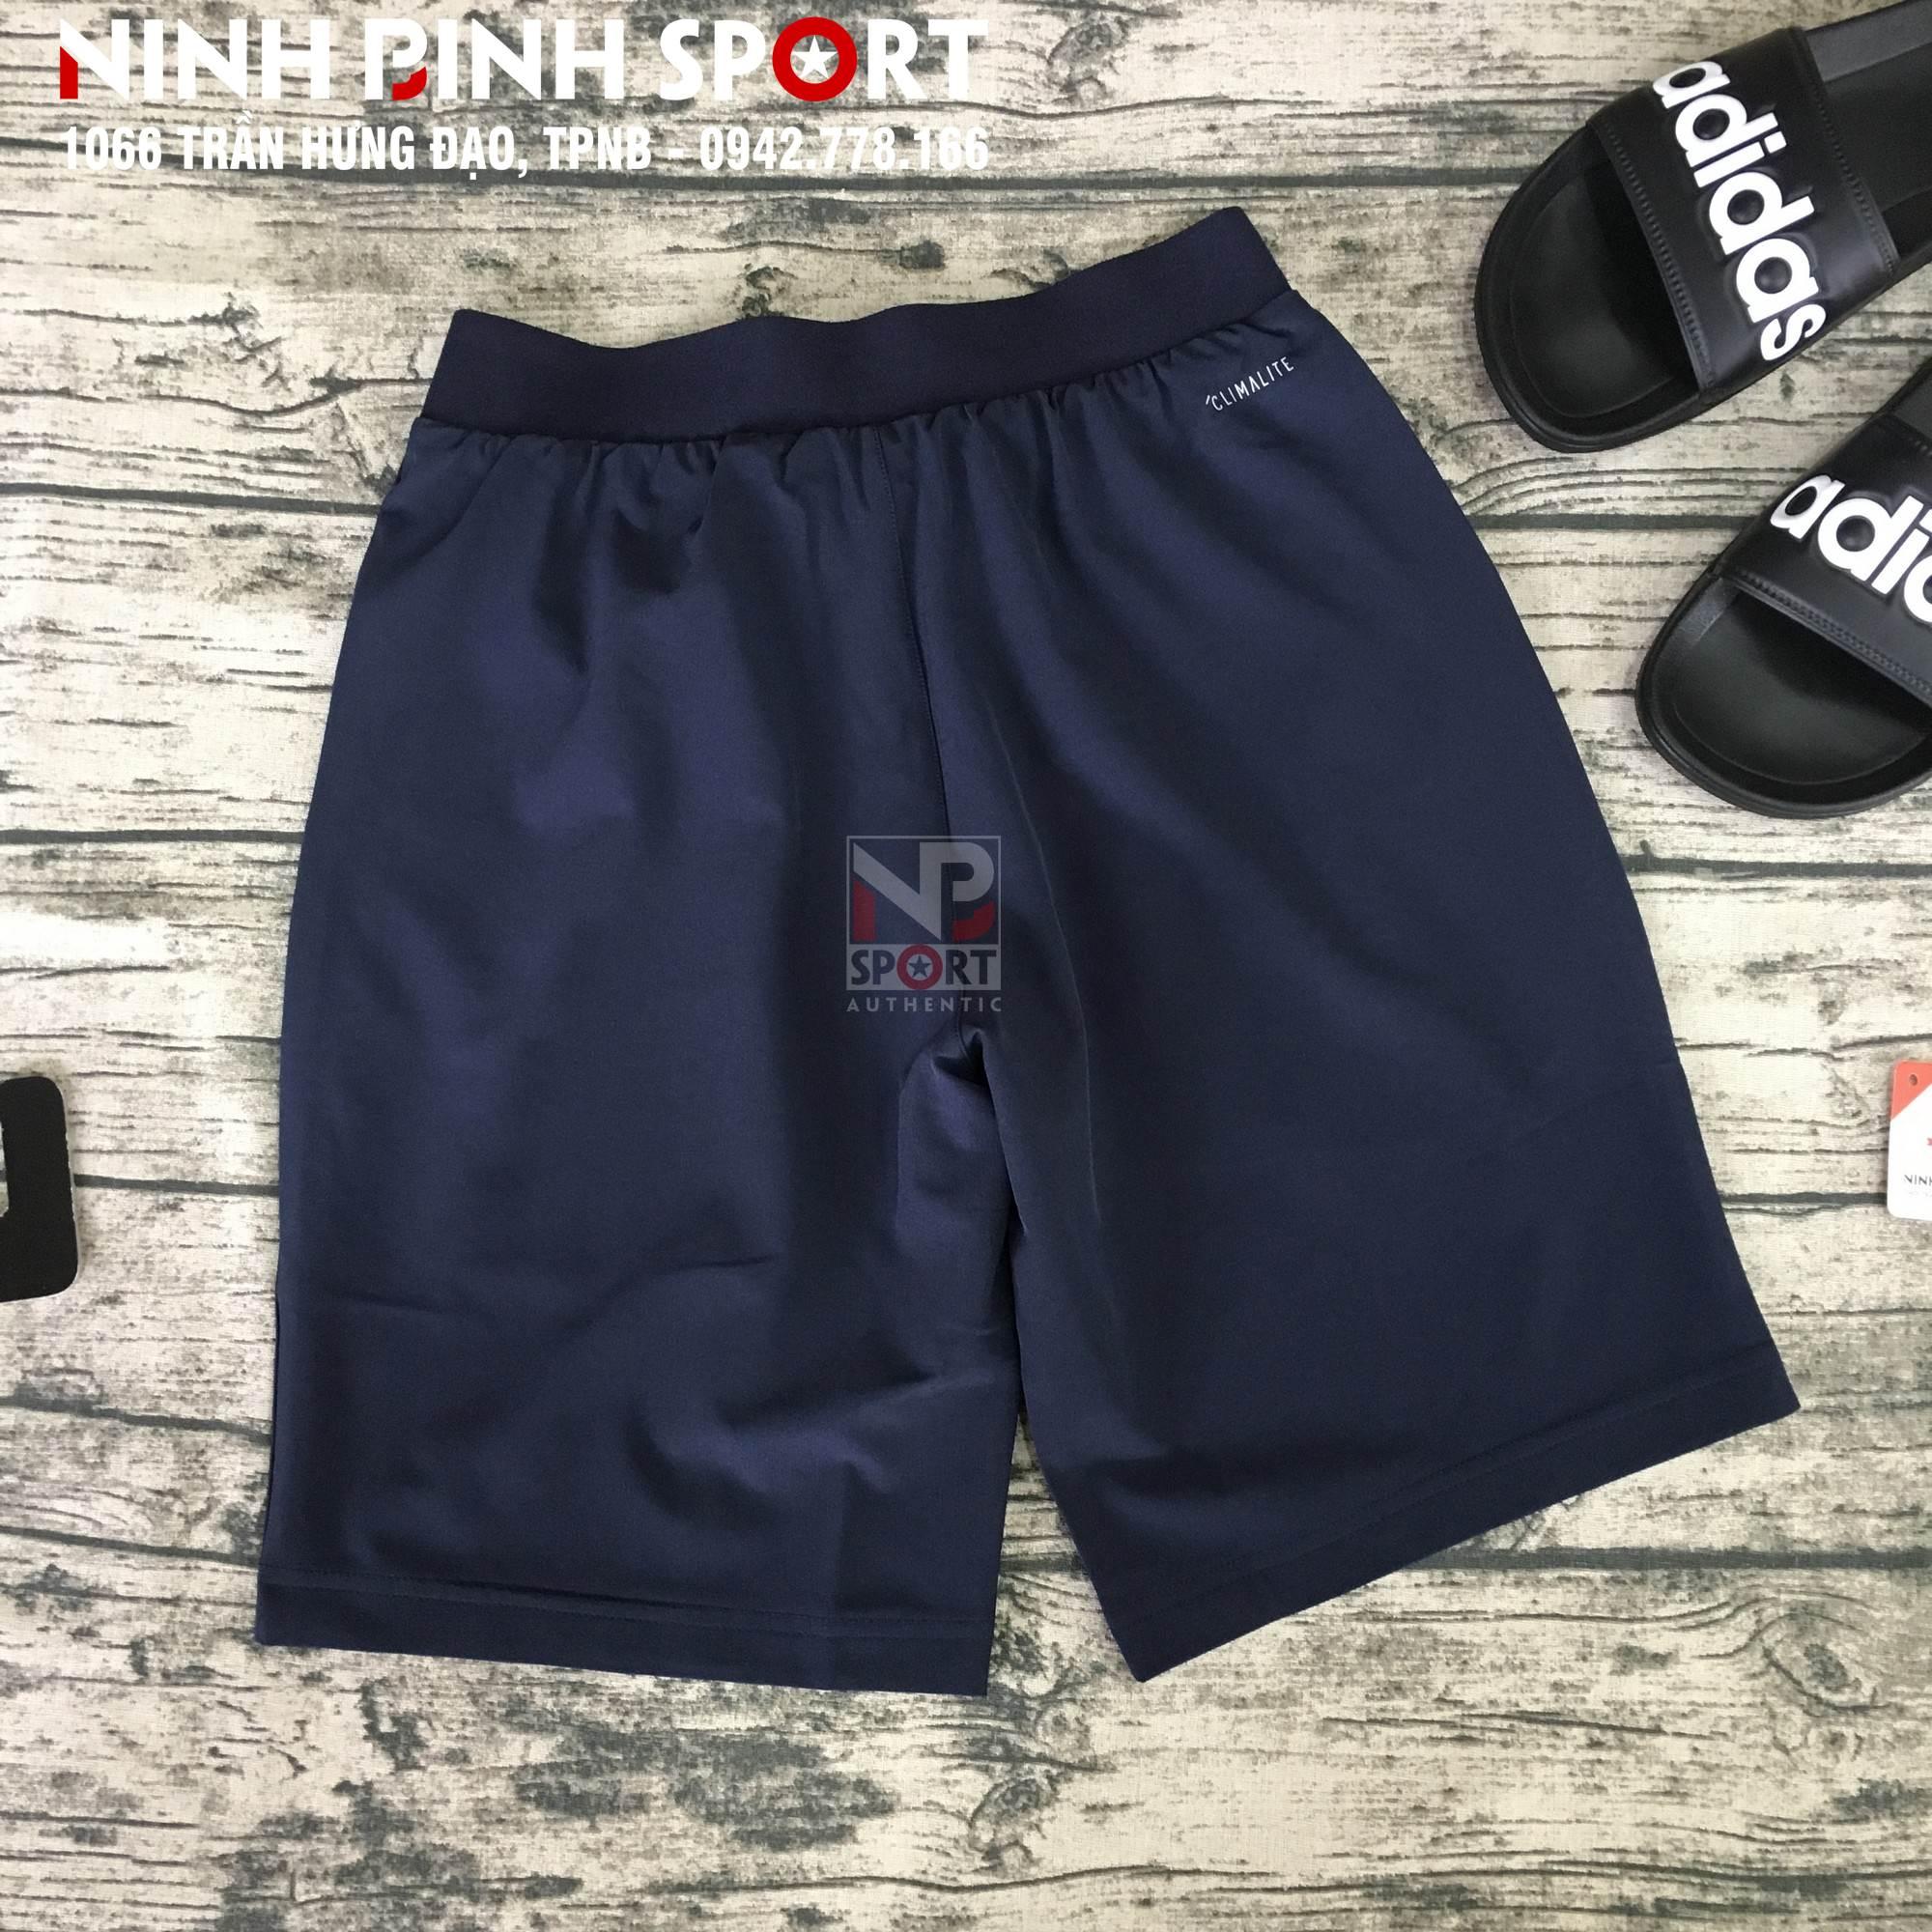 Quần thể thao nam Adidas Seasonal Bermuda Short CY3477